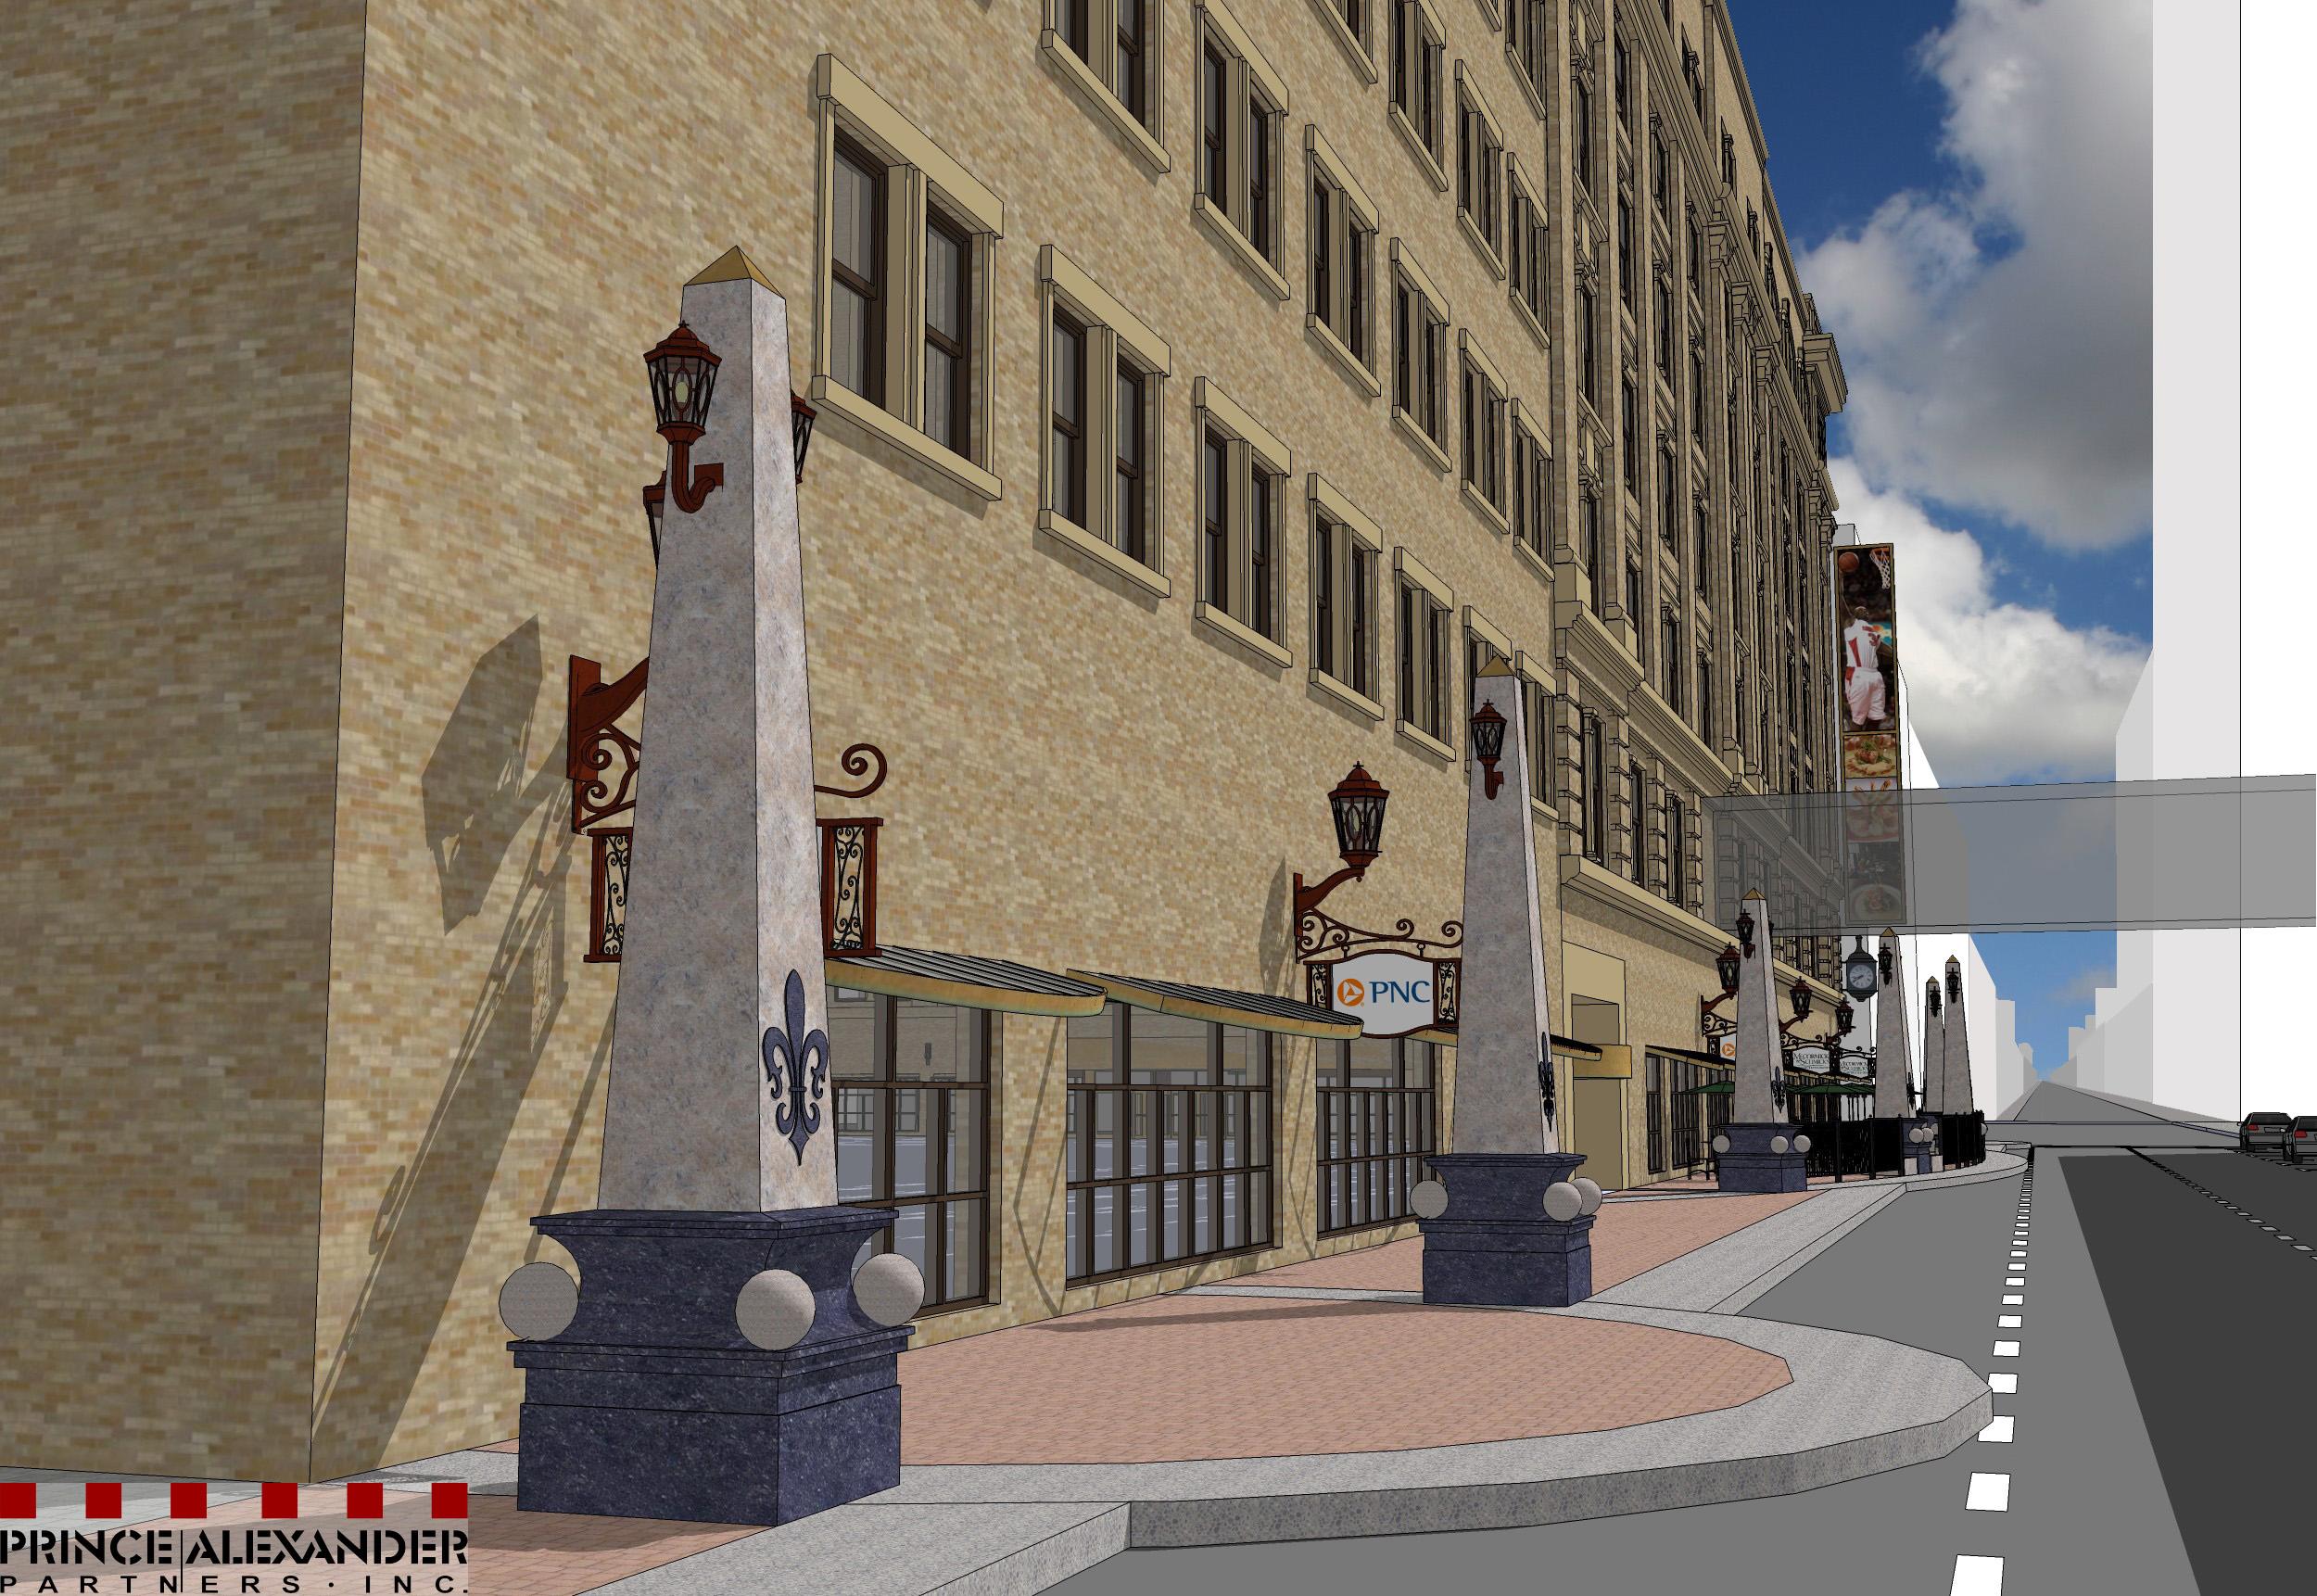 Embassy Suites_12-29-09_5.jpg